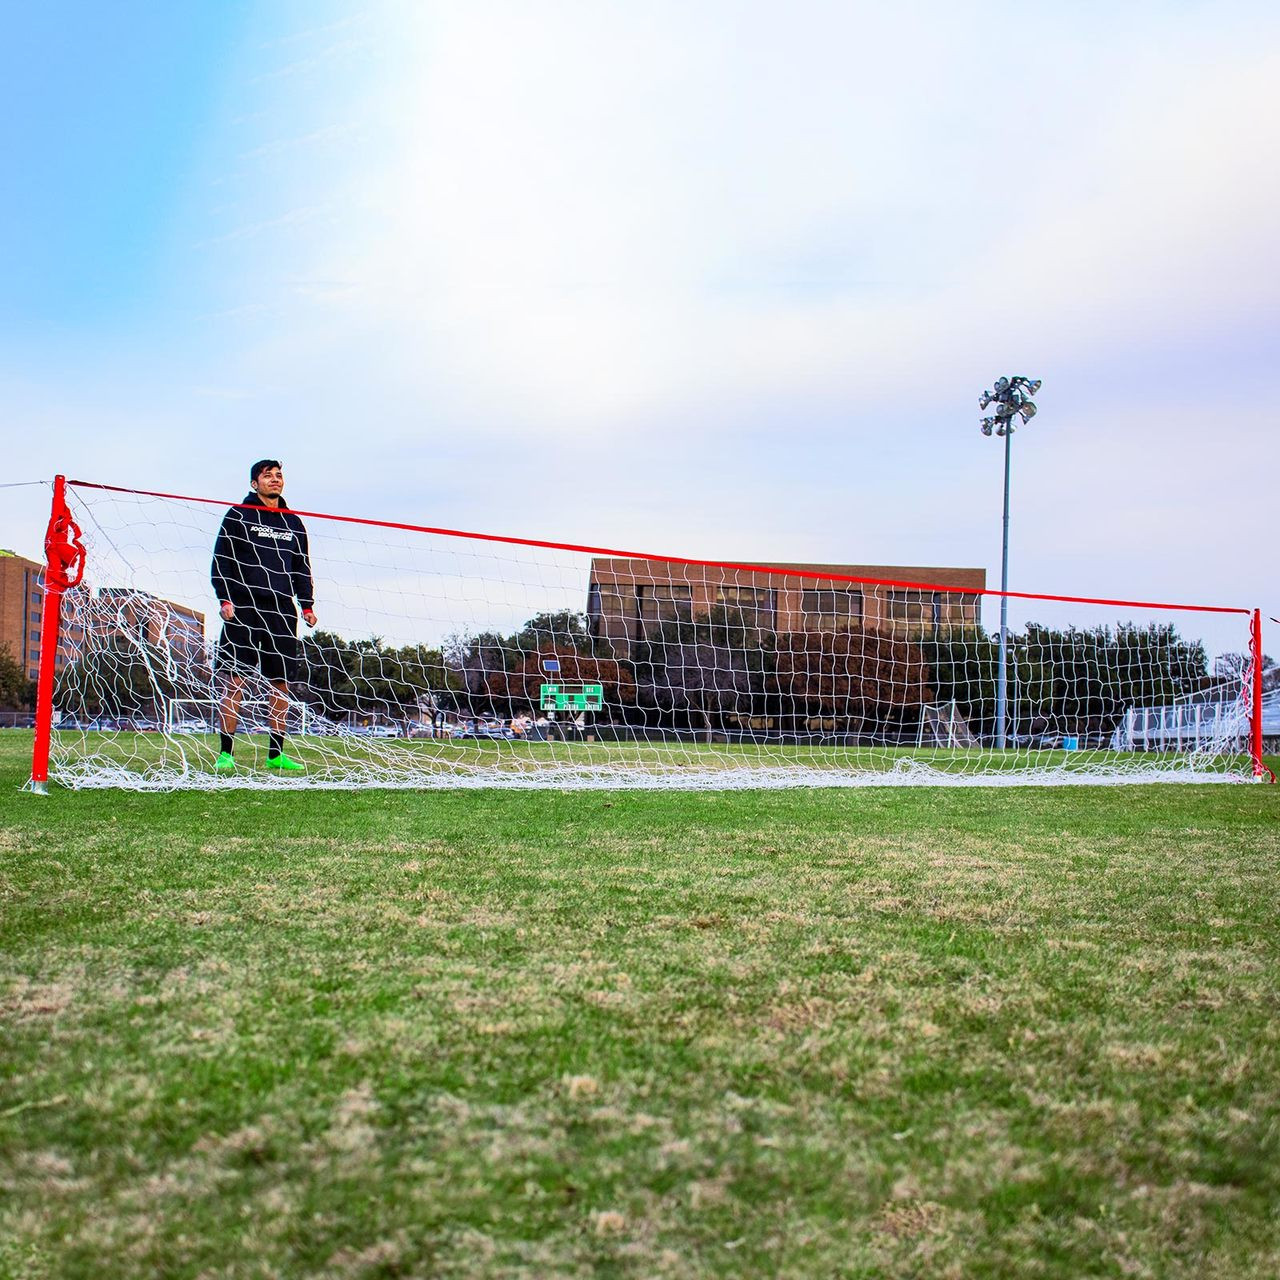 5d824b995 ... J-Goal Regulation Size Portable Goal | Soccer Innovations Training  Equipment & Soccer Goals ...